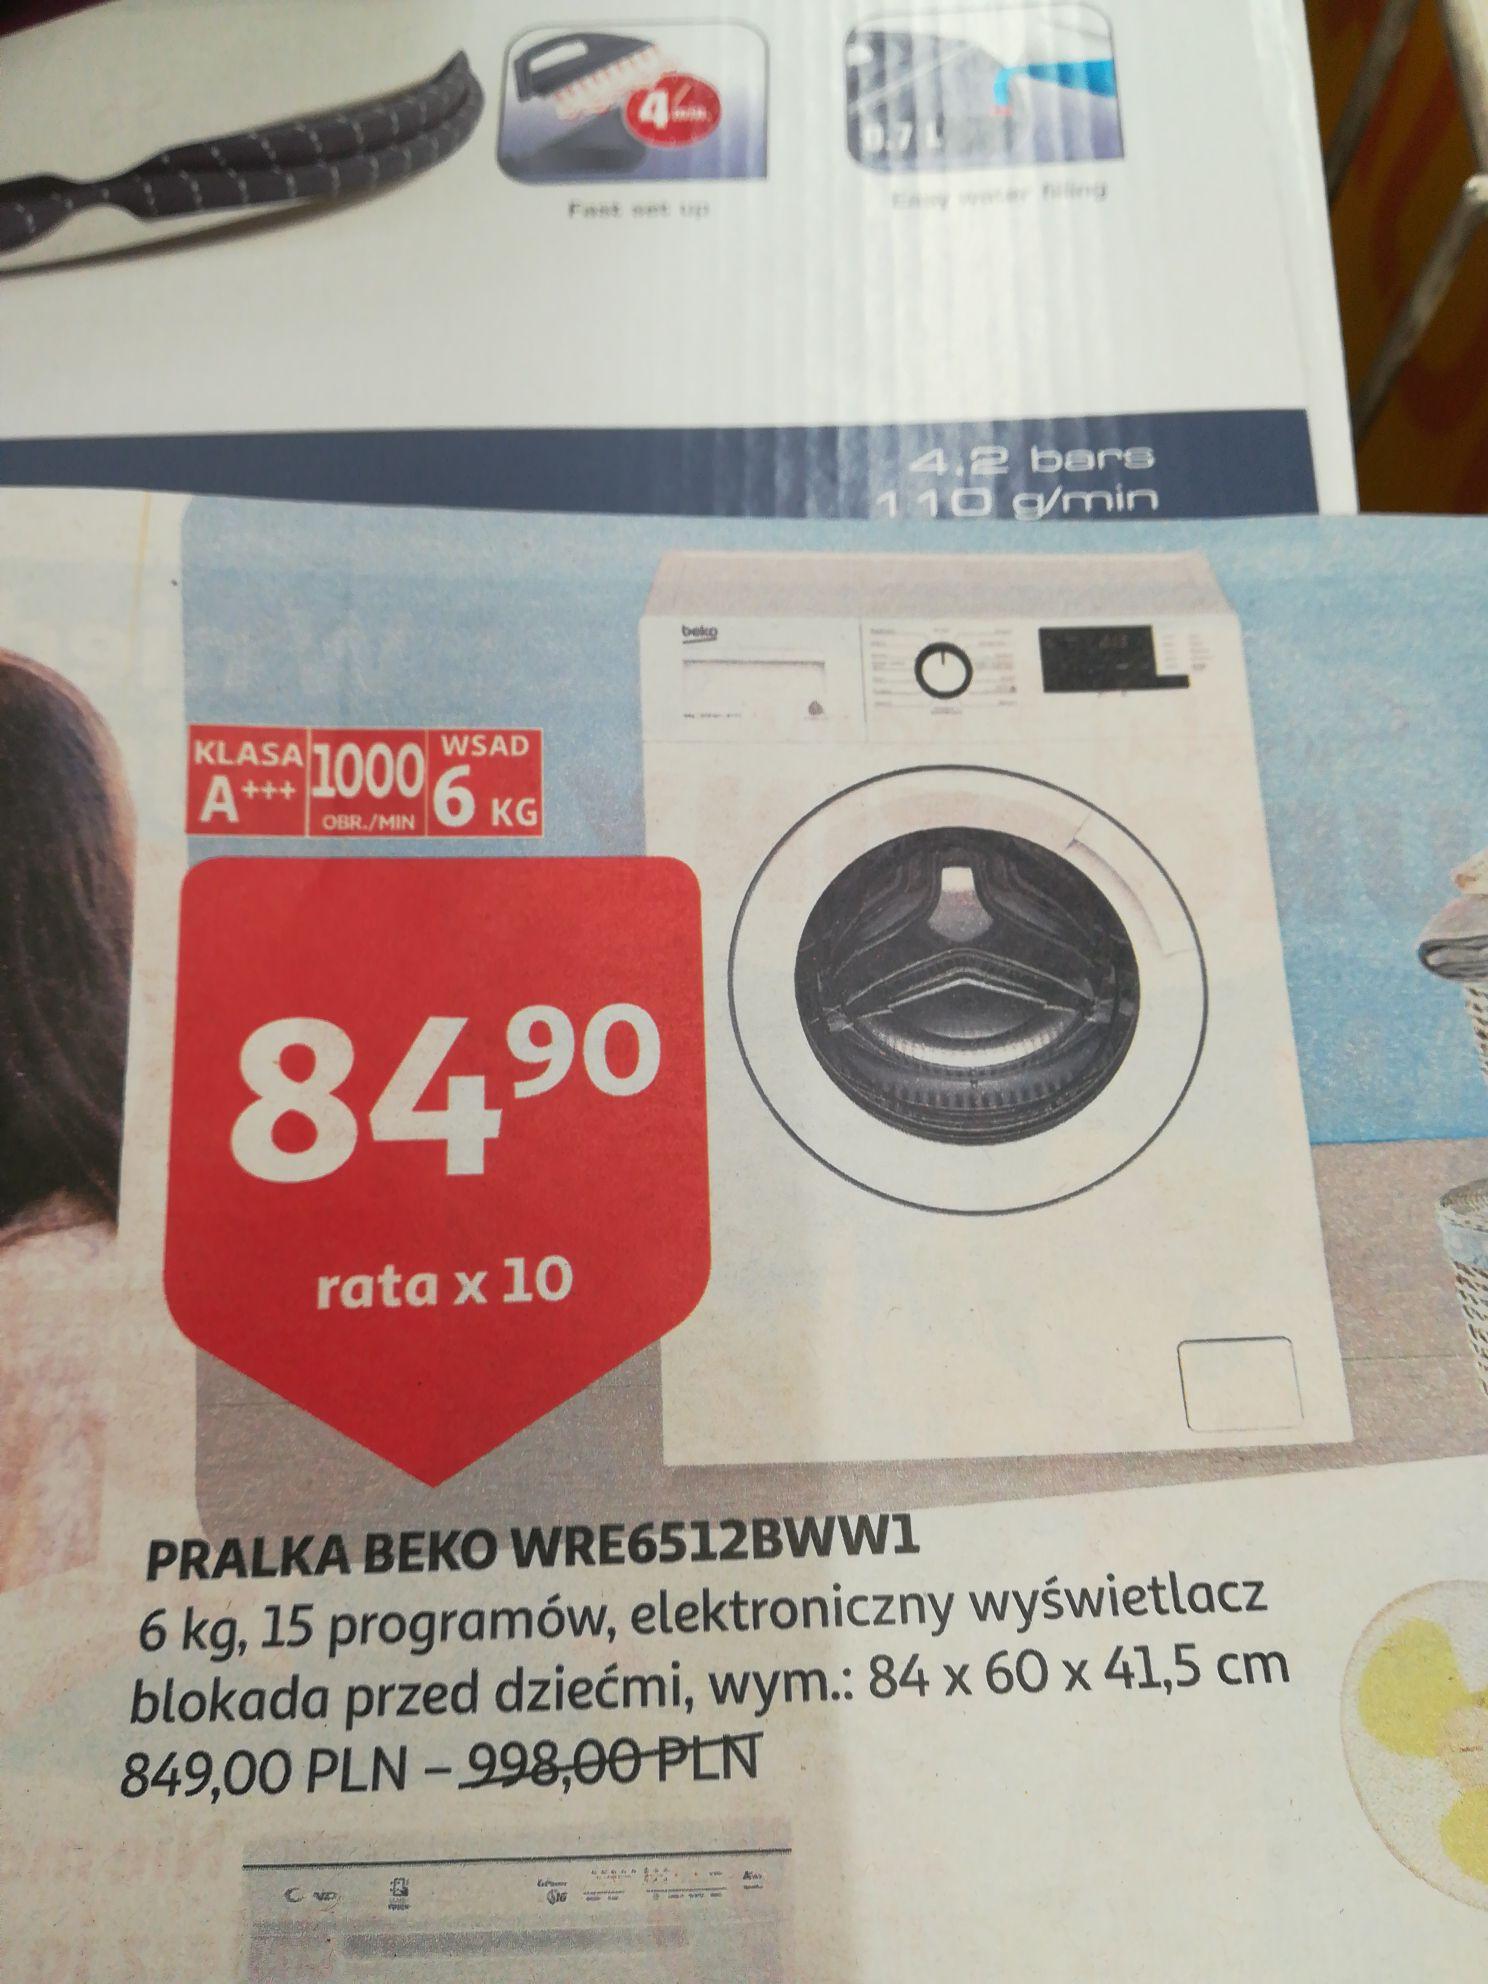 Pralka Beko WRE6512 BWW1 w Auchan Bonarka